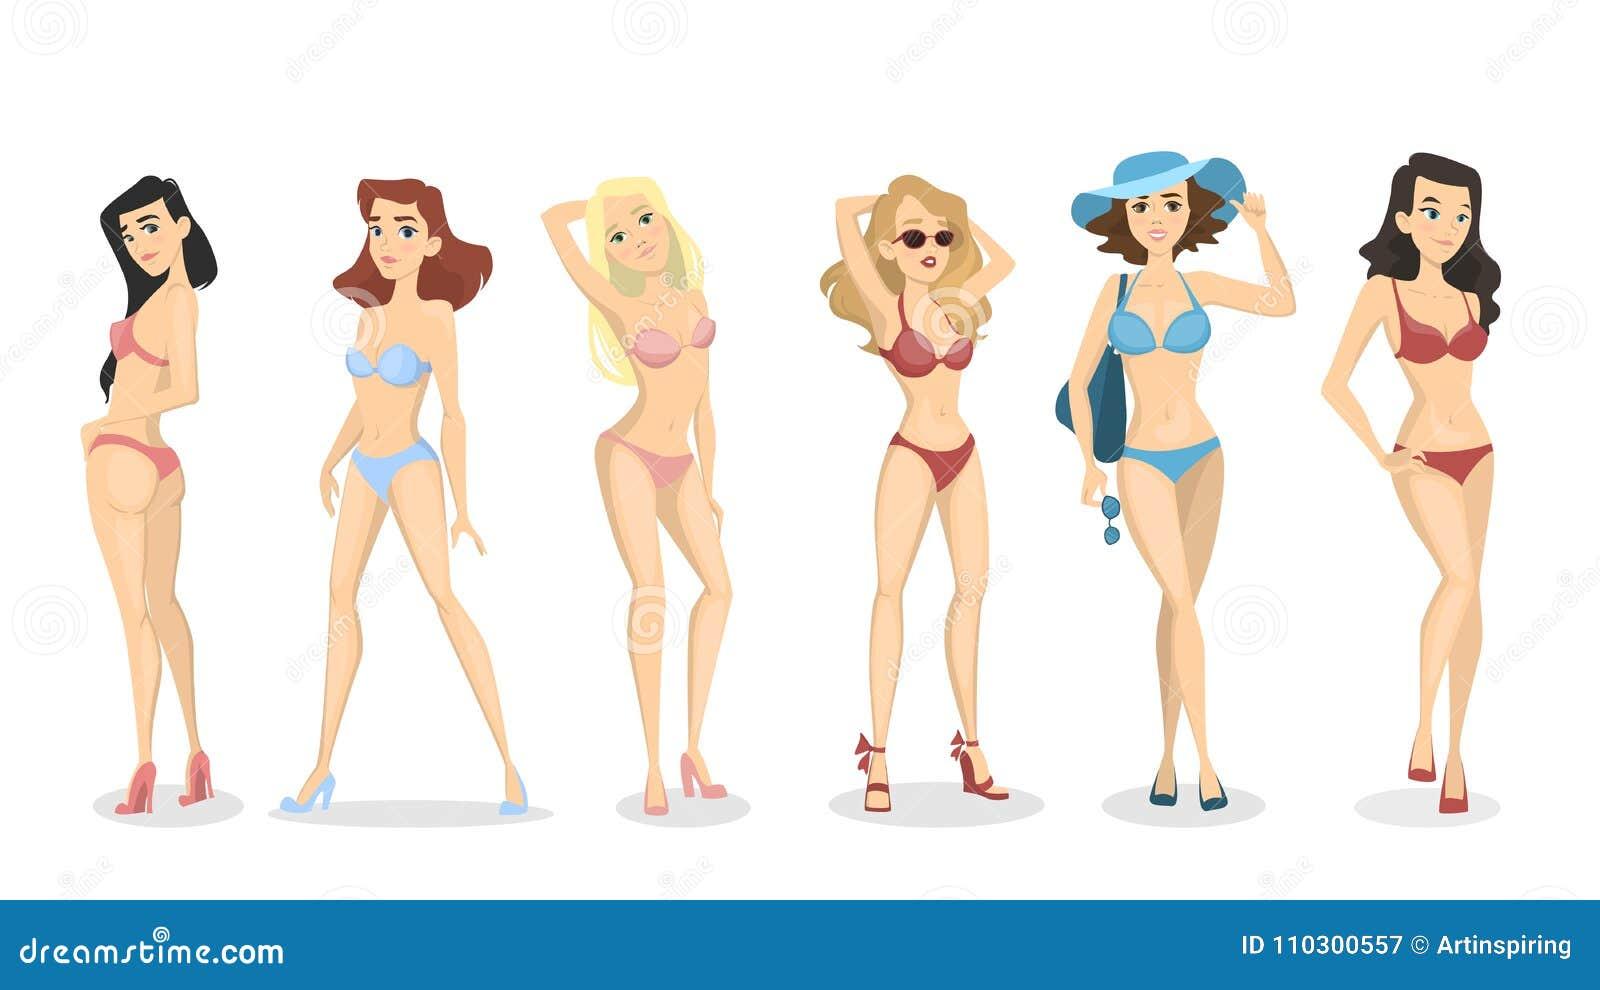 Half saree girls in porn